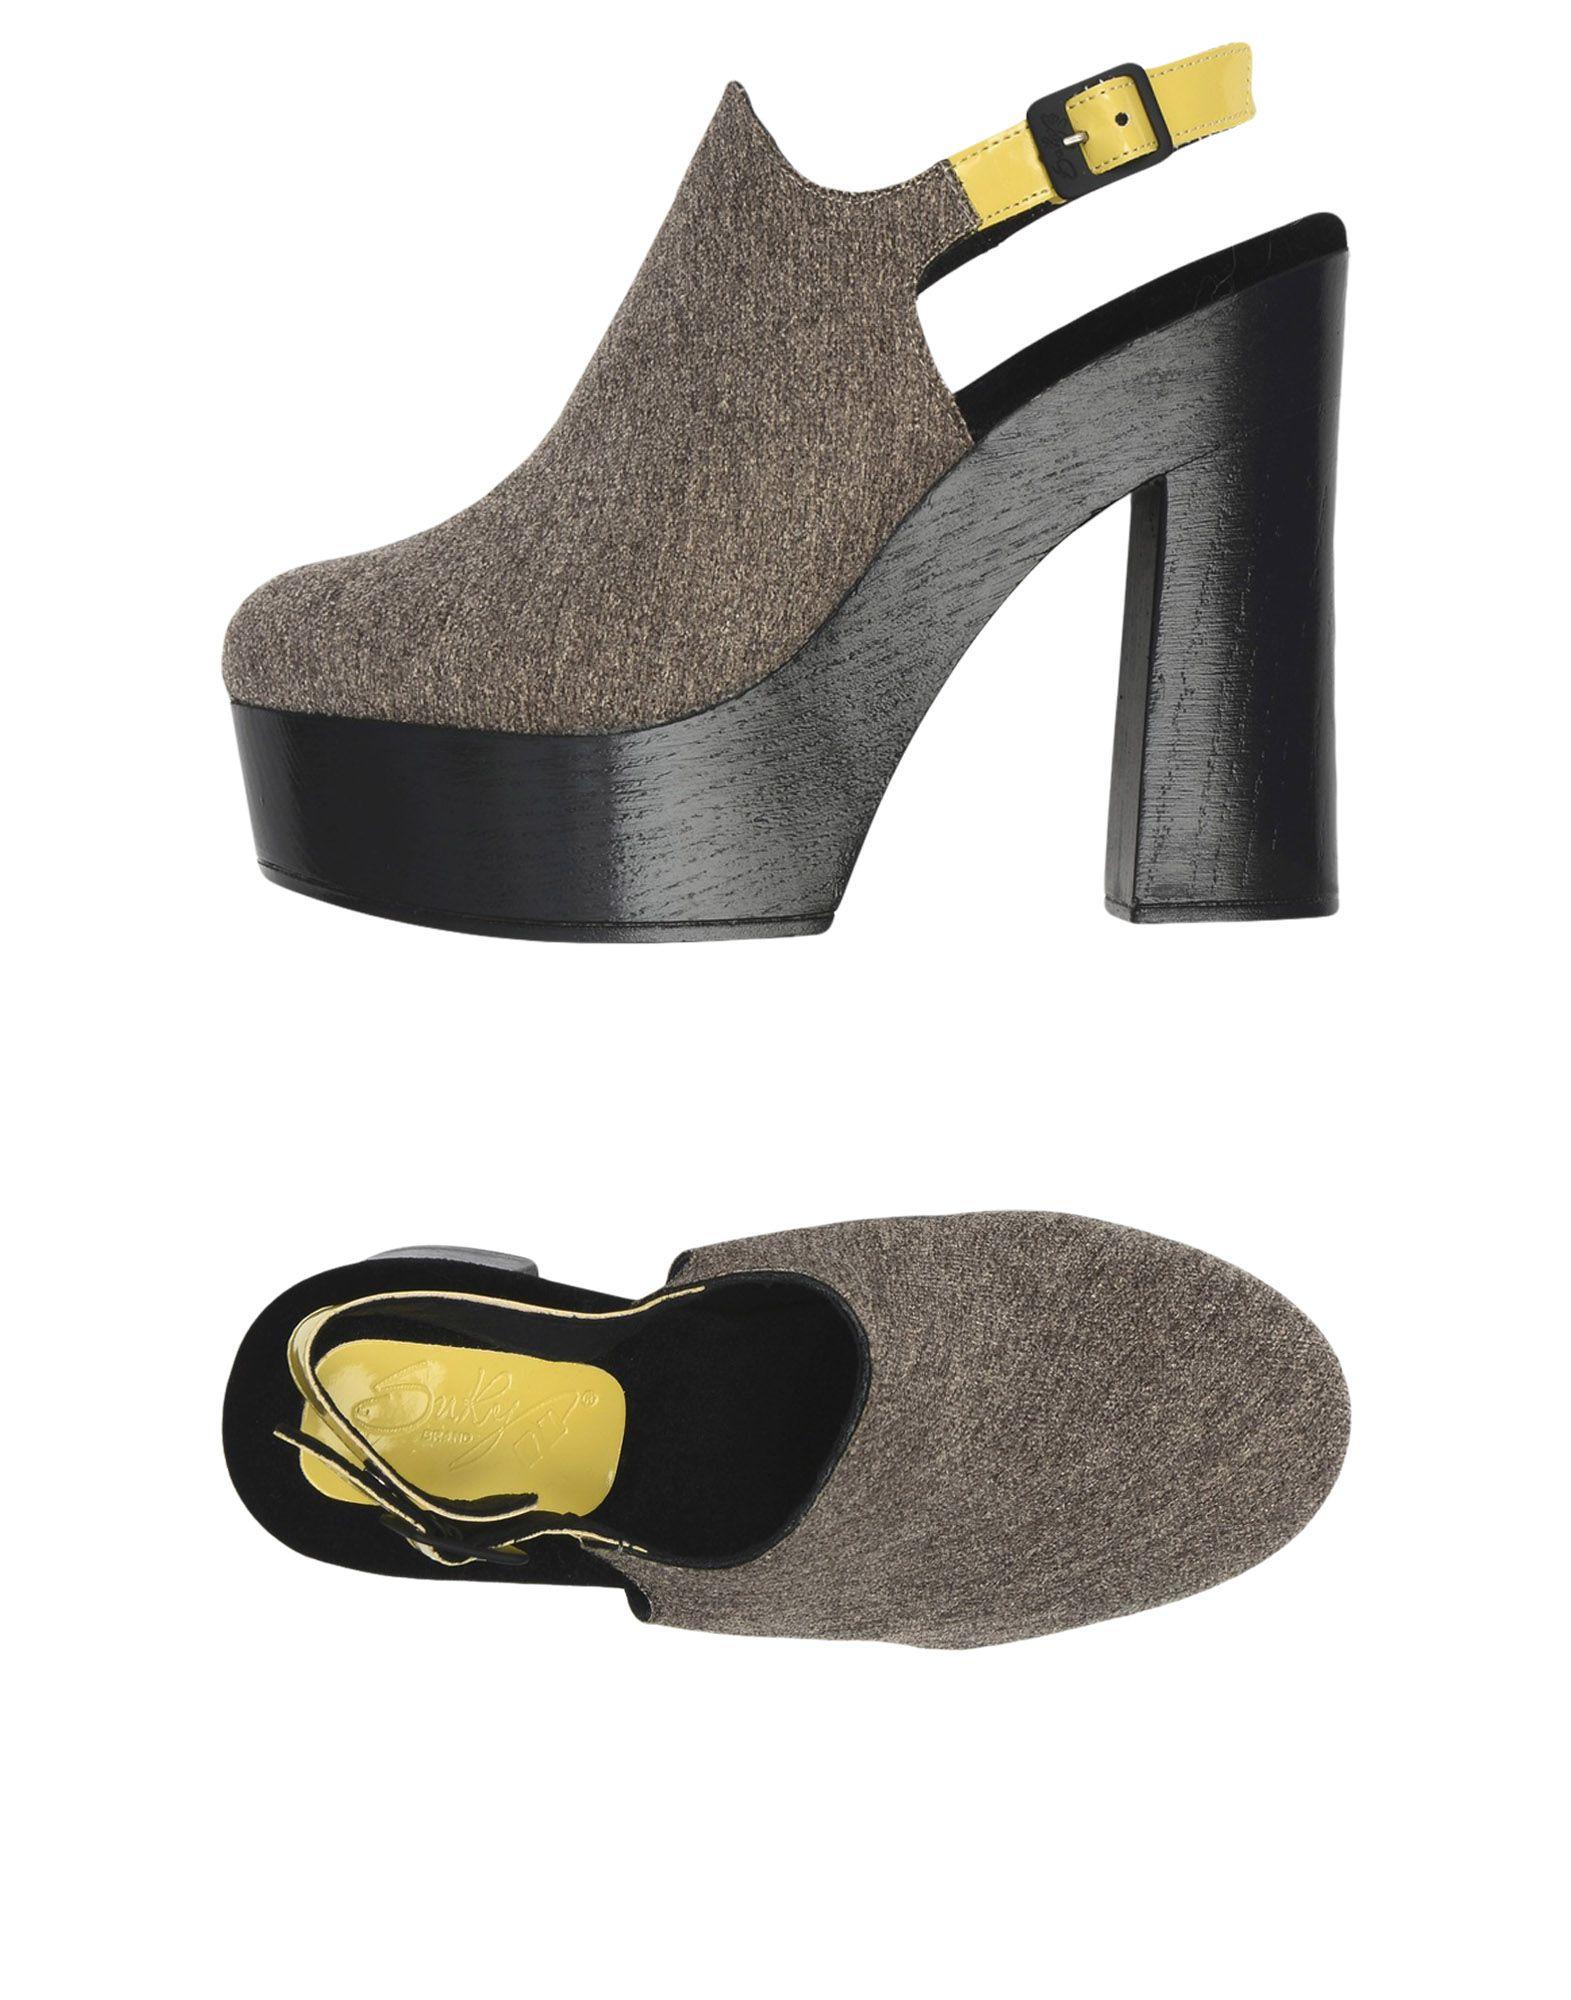 Suky Pantoletten Damen  11506867RG Gute Gute Gute Qualität beliebte Schuhe 053a39